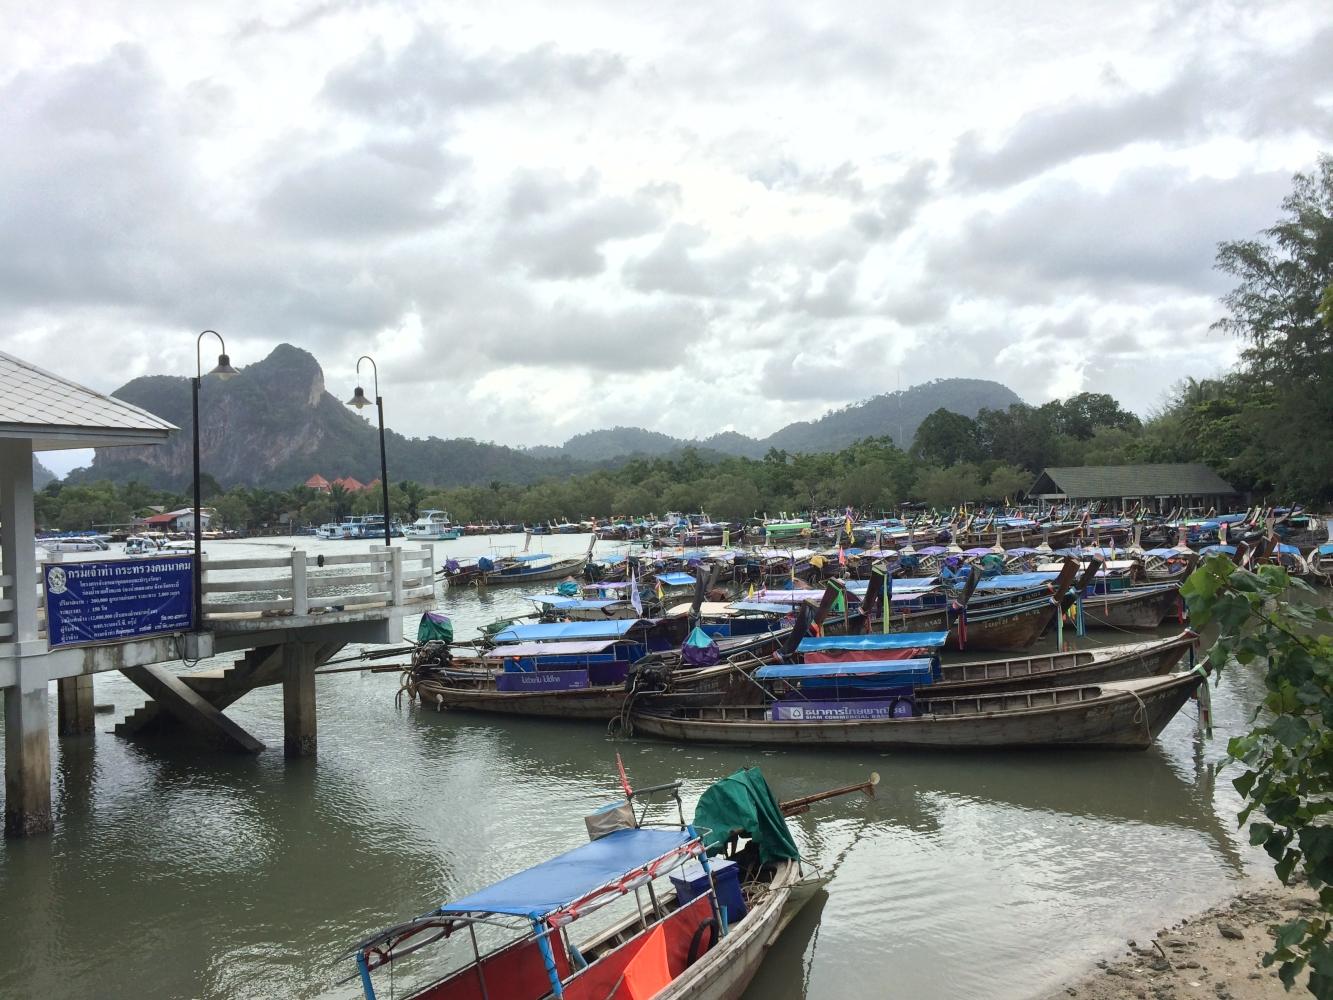 Am nächsten Tag an den Hafen, um eine halbtägige Bootstour anzutreten